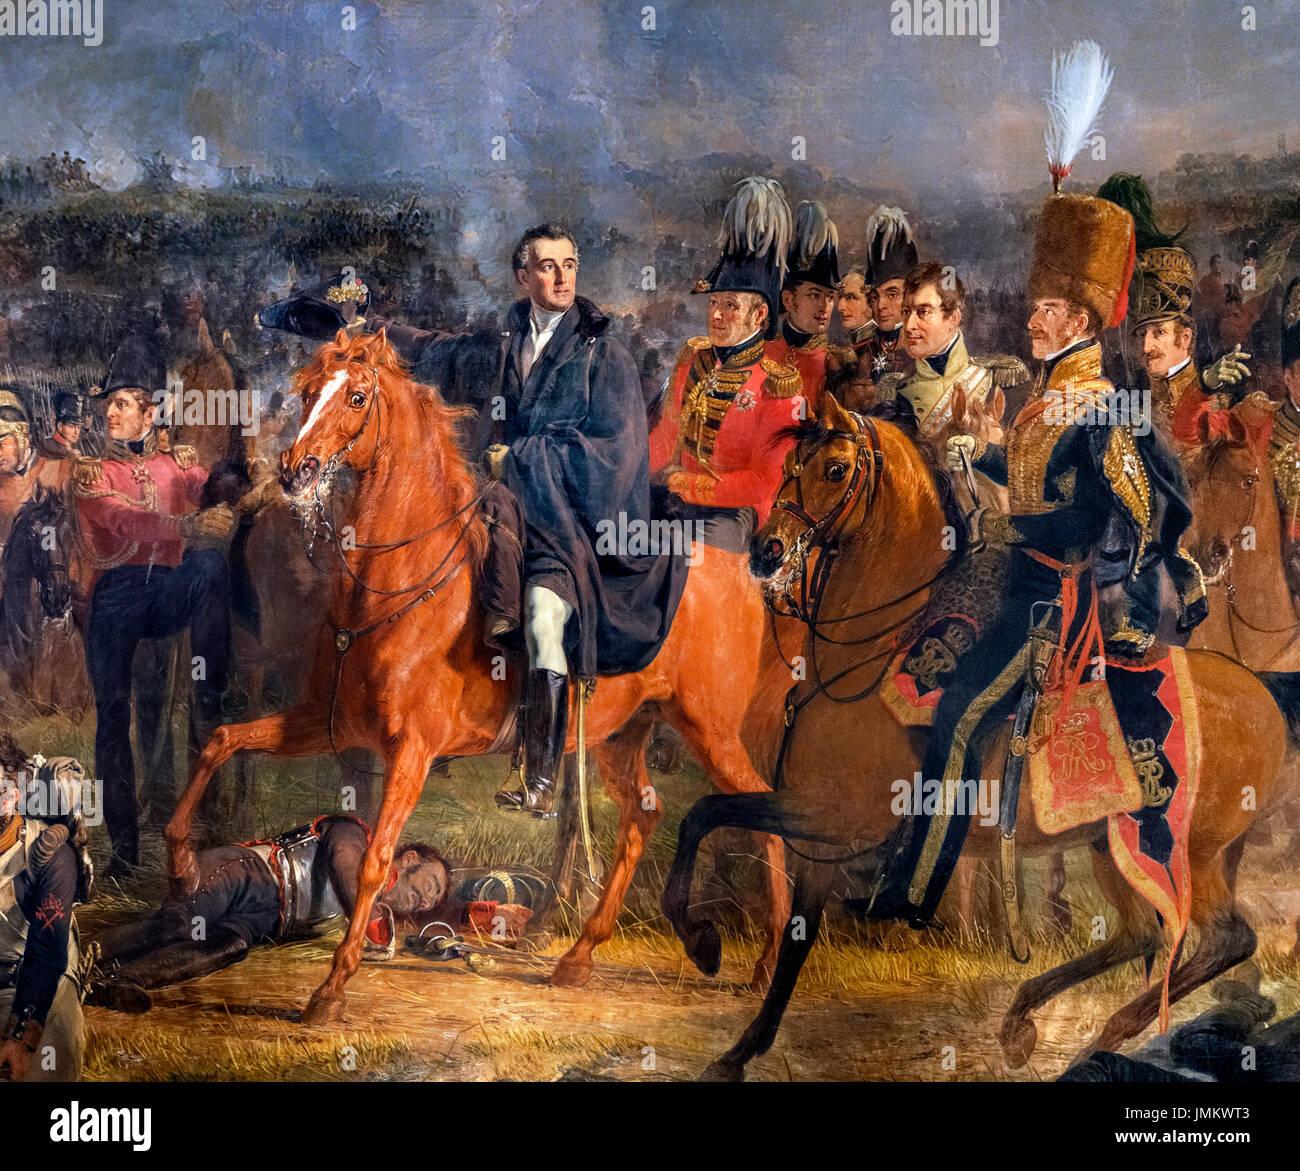 La battaglia di Waterloo da Jan Willem Pieneman (1779-1853), olio su tela, 1824. Il dipinto mostra il Duca di Wellington, a cavallo a sinistra della foto in corrispondenza di un momento decisivo nella battaglia di Waterloo il 18 giugno 1815. Dettaglio di un dipinto di grandi dimensioni, JMKWT8. Immagini Stock